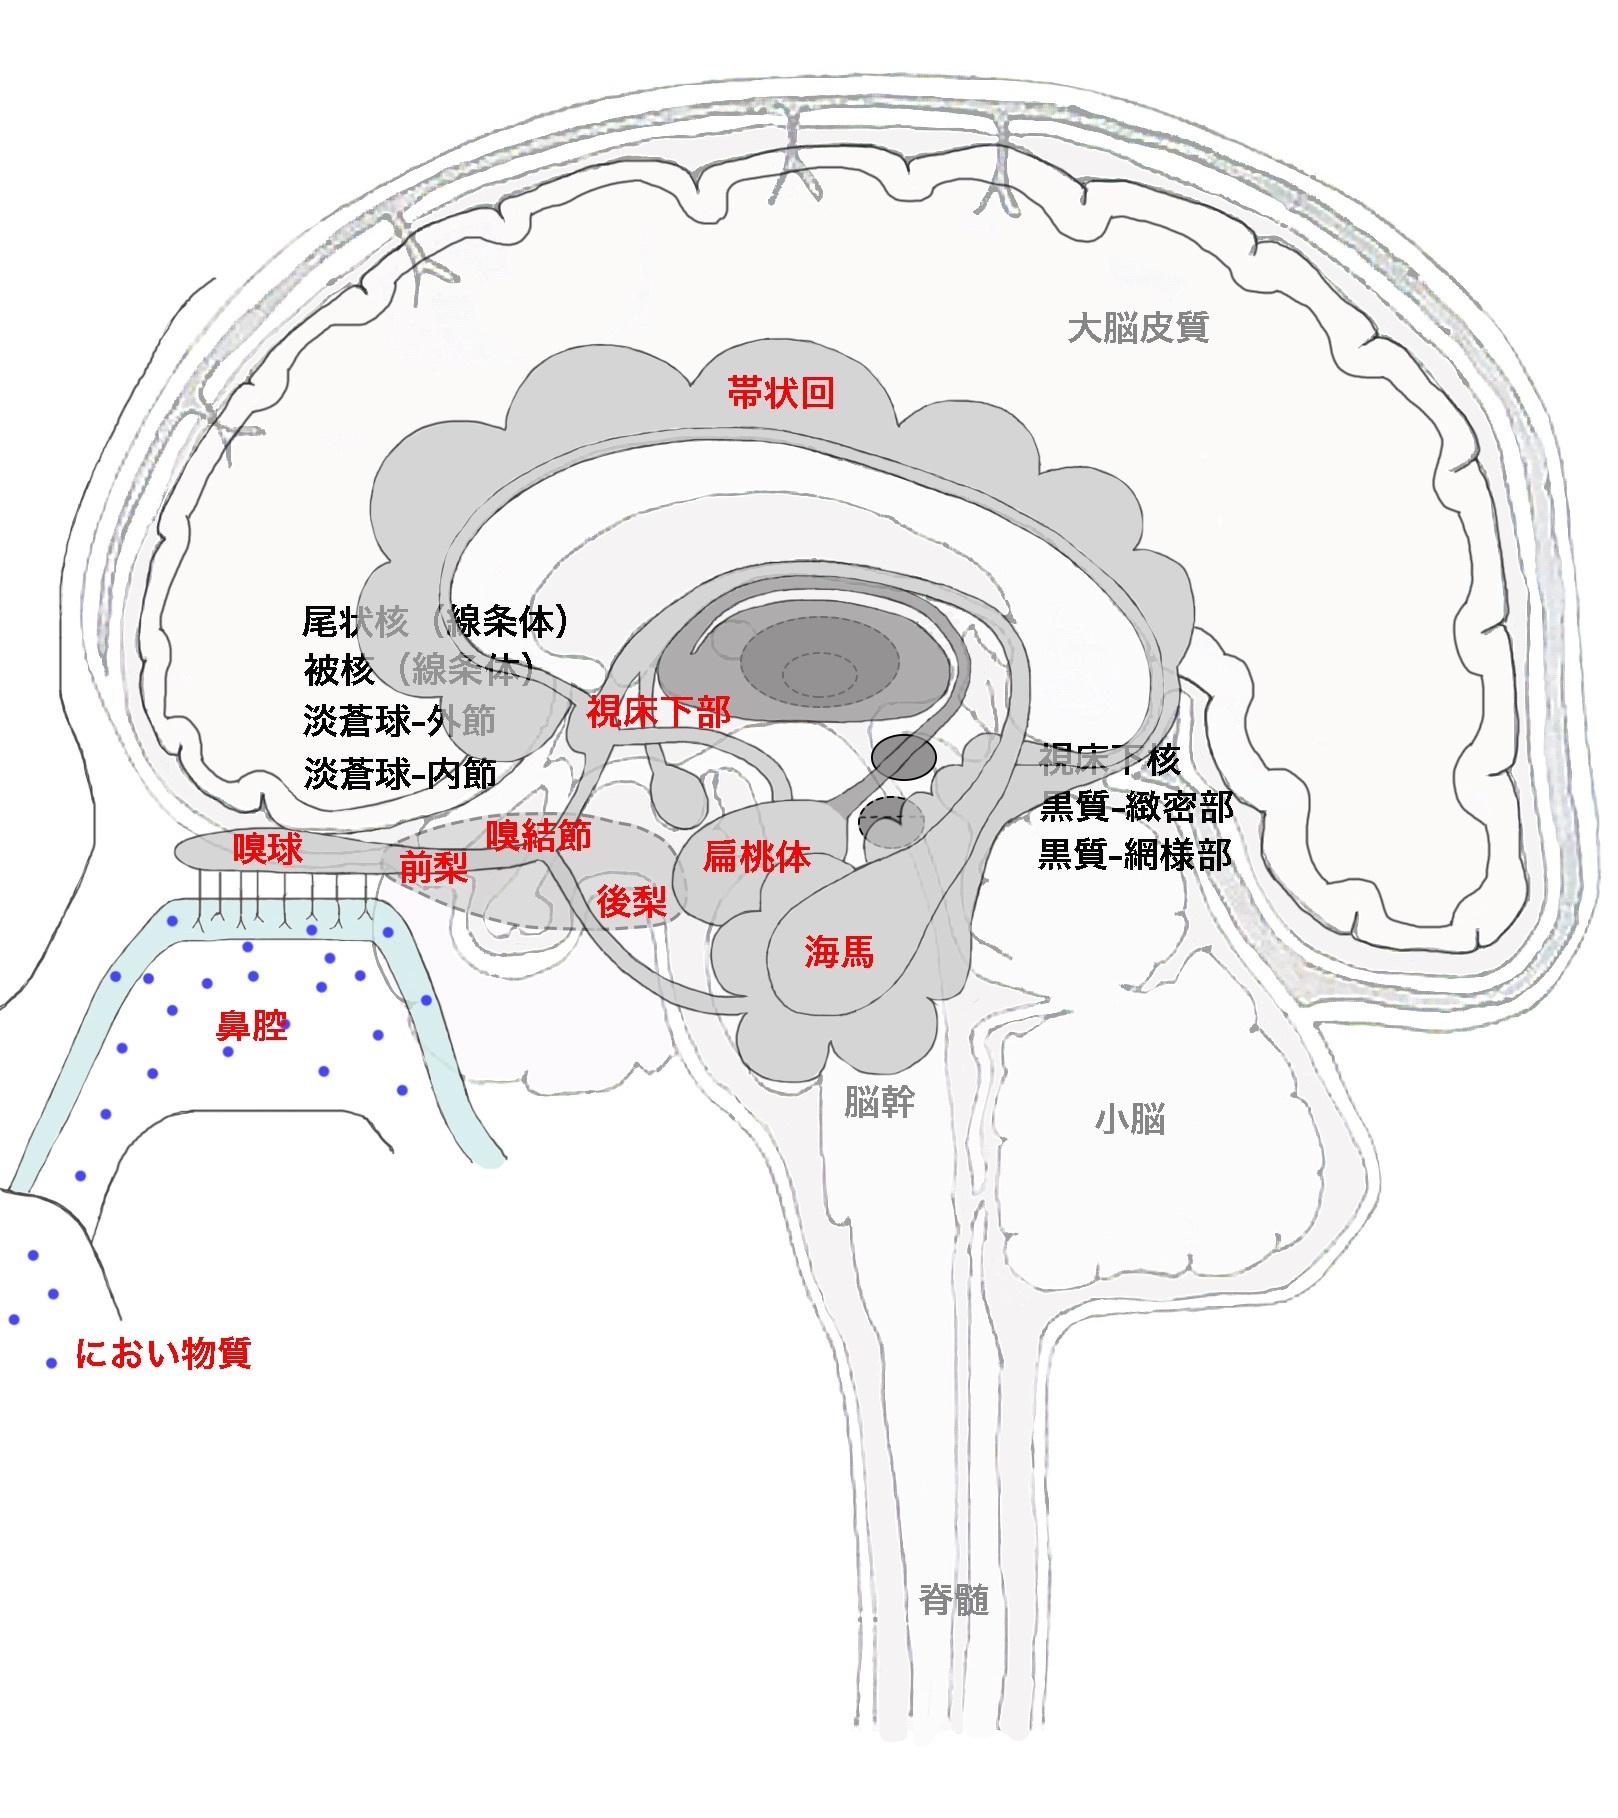 嗅球と大脳辺縁系と大脳基底核と梨状皮質